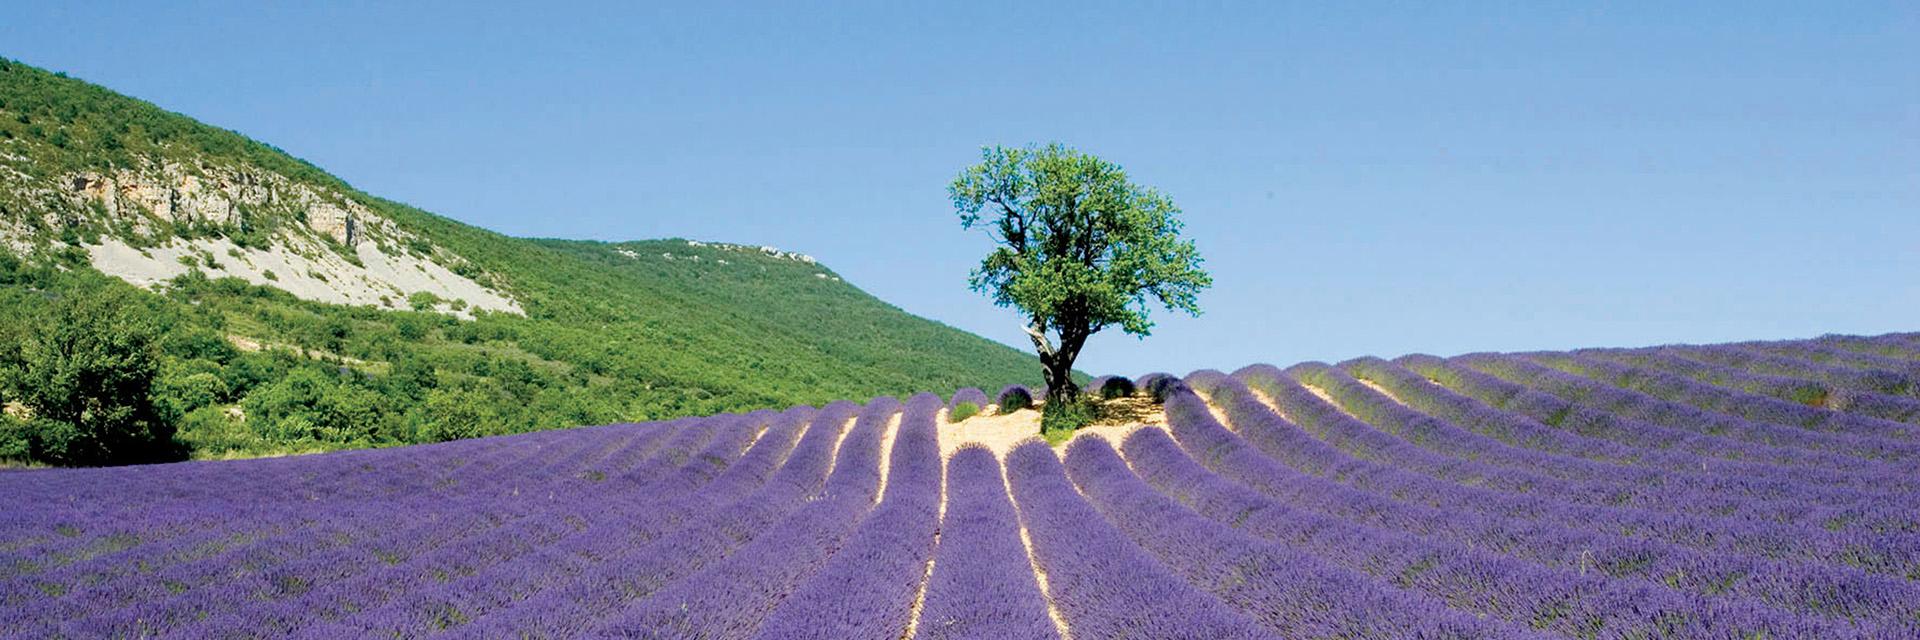 Vos vacances en groupe en Provence et dans le Vercors